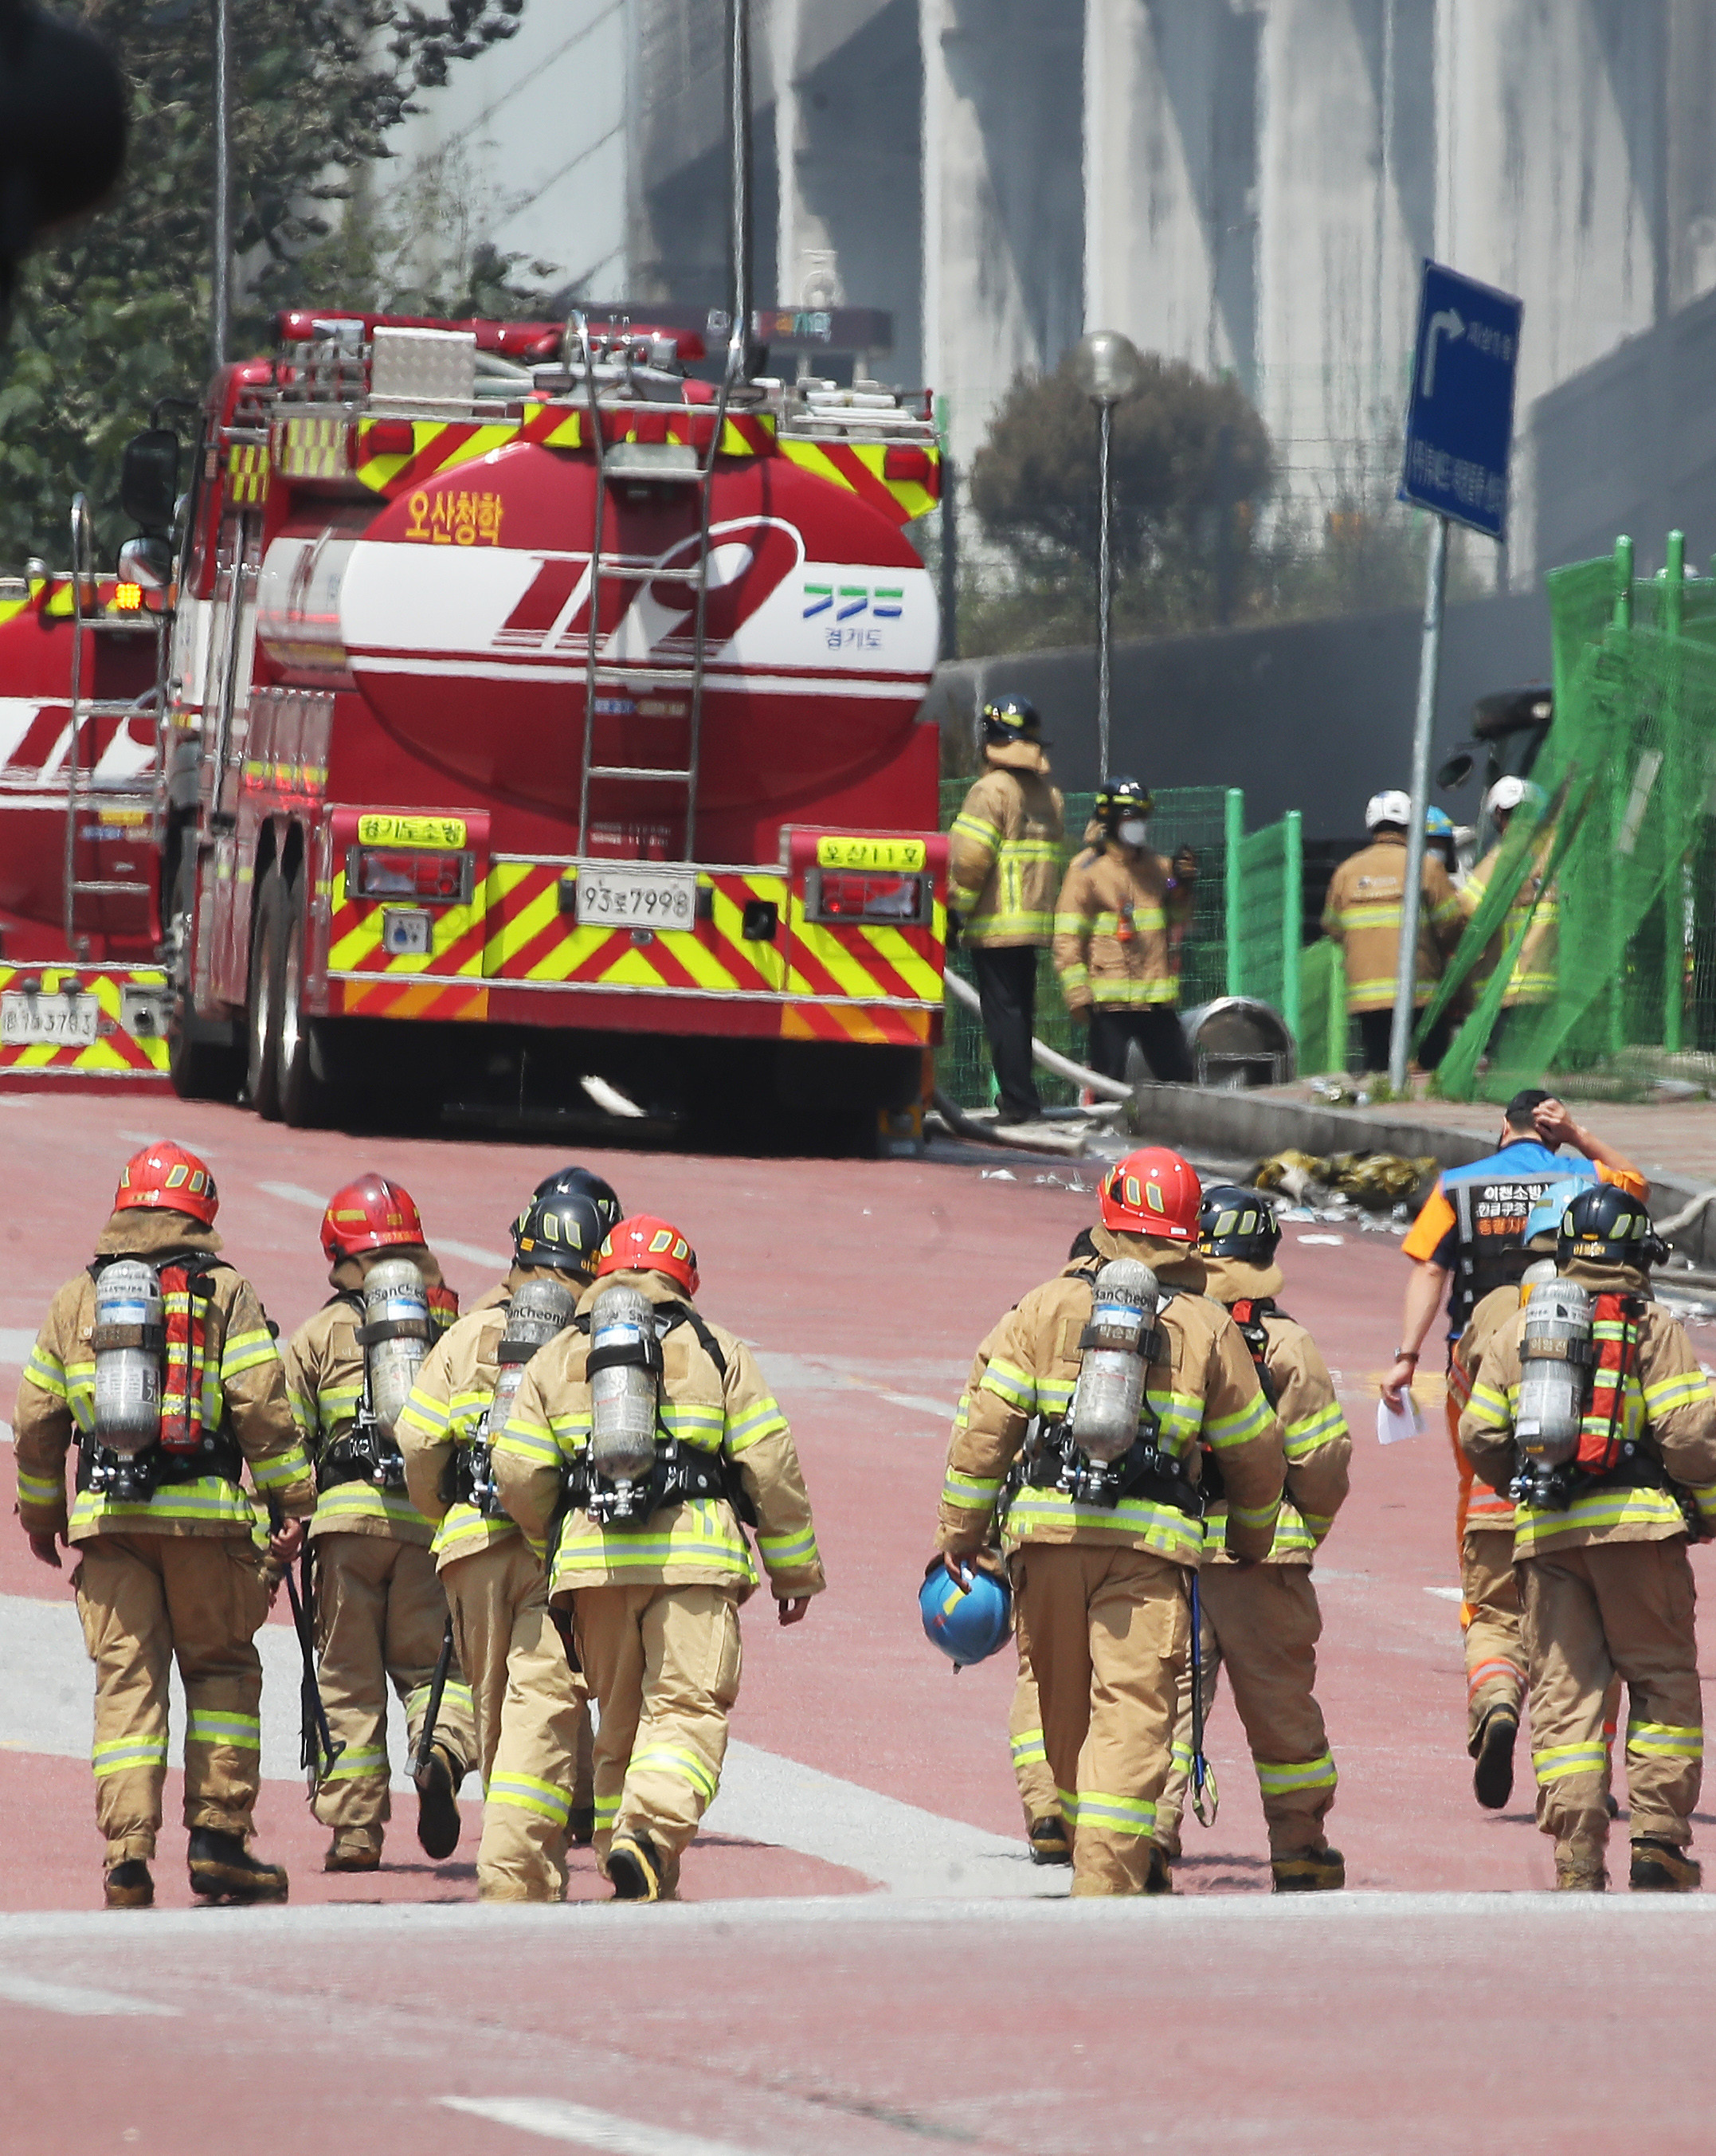 ▲▼消防人員在建築物外部進行滅火作業。(圖/達志影像/newscom)